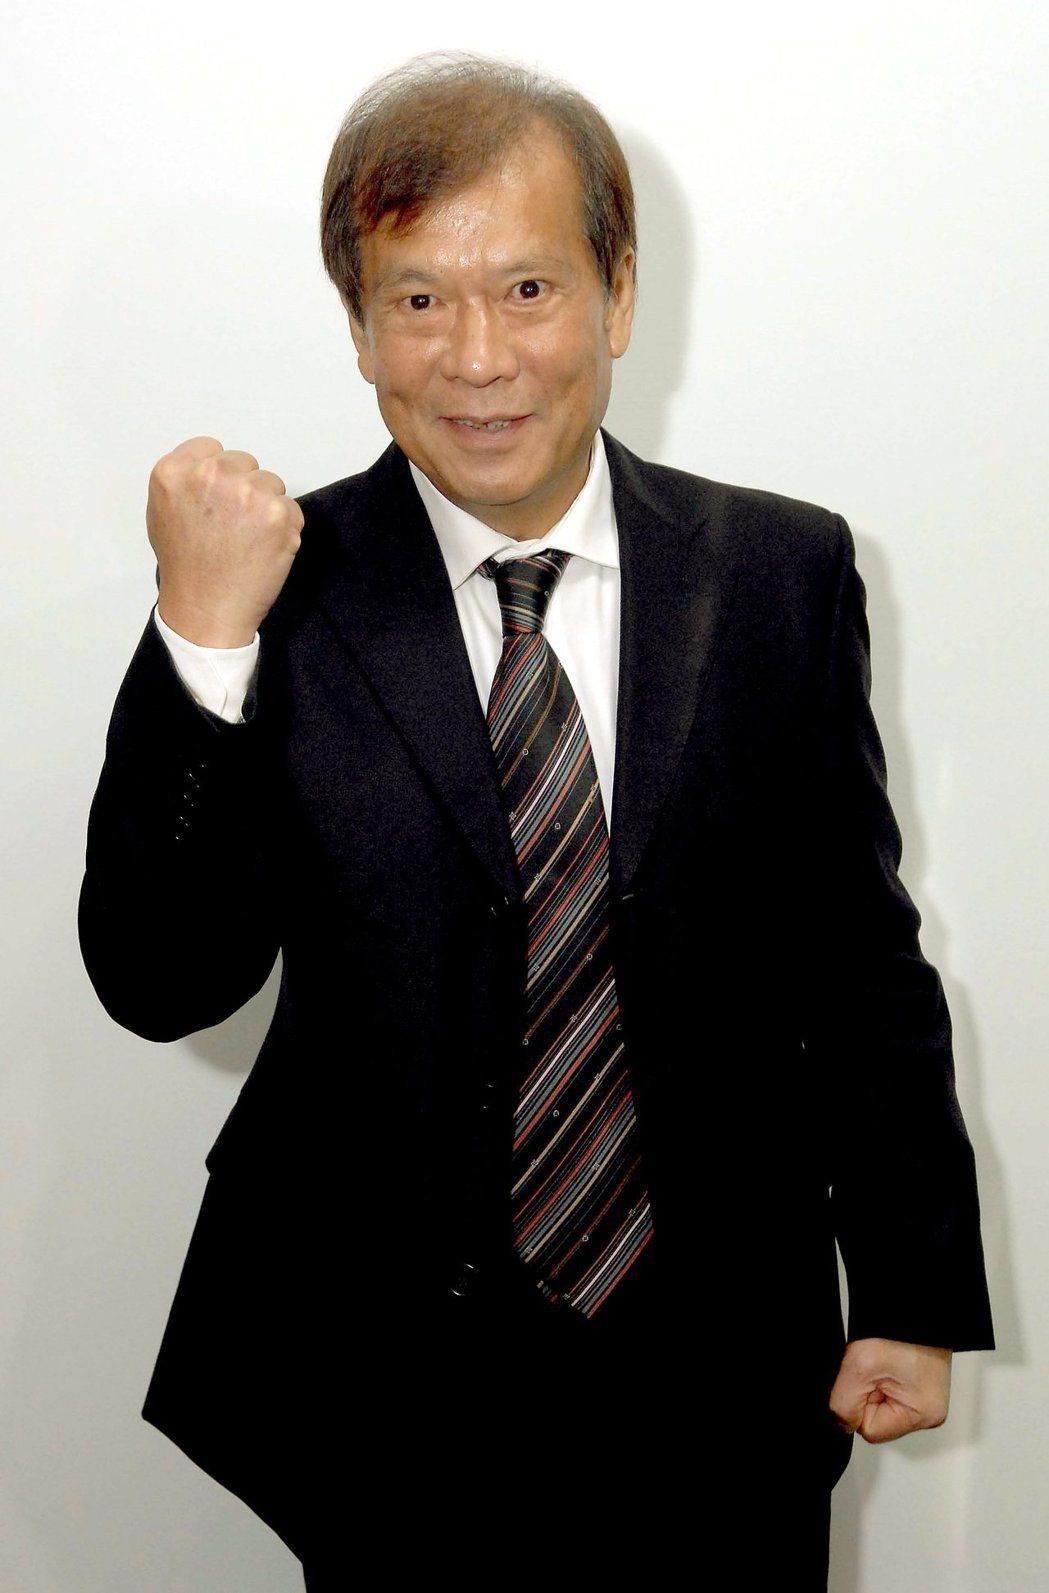 郭建宏在電視圈做戲、製作綜藝多年,實務經驗豐富,如今當上華視總經理,把目標放在下...